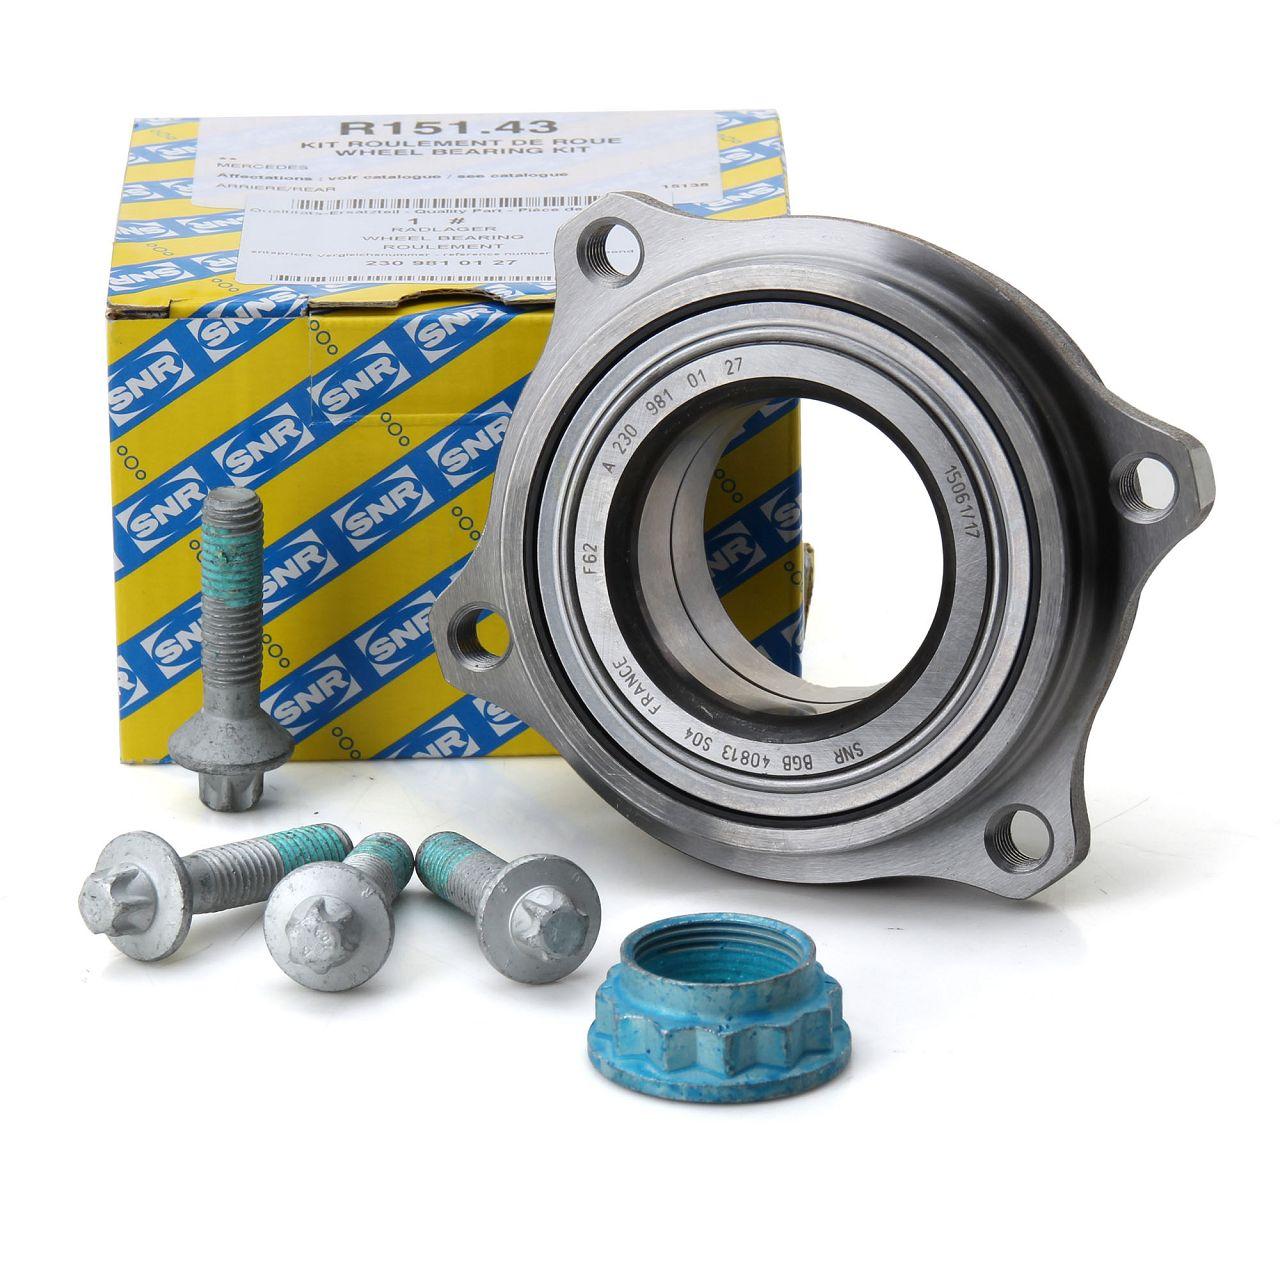 SNR Radnabe Radlager Reparatursatz für Mercedes W204 C207 R230 R172 C197 hinten